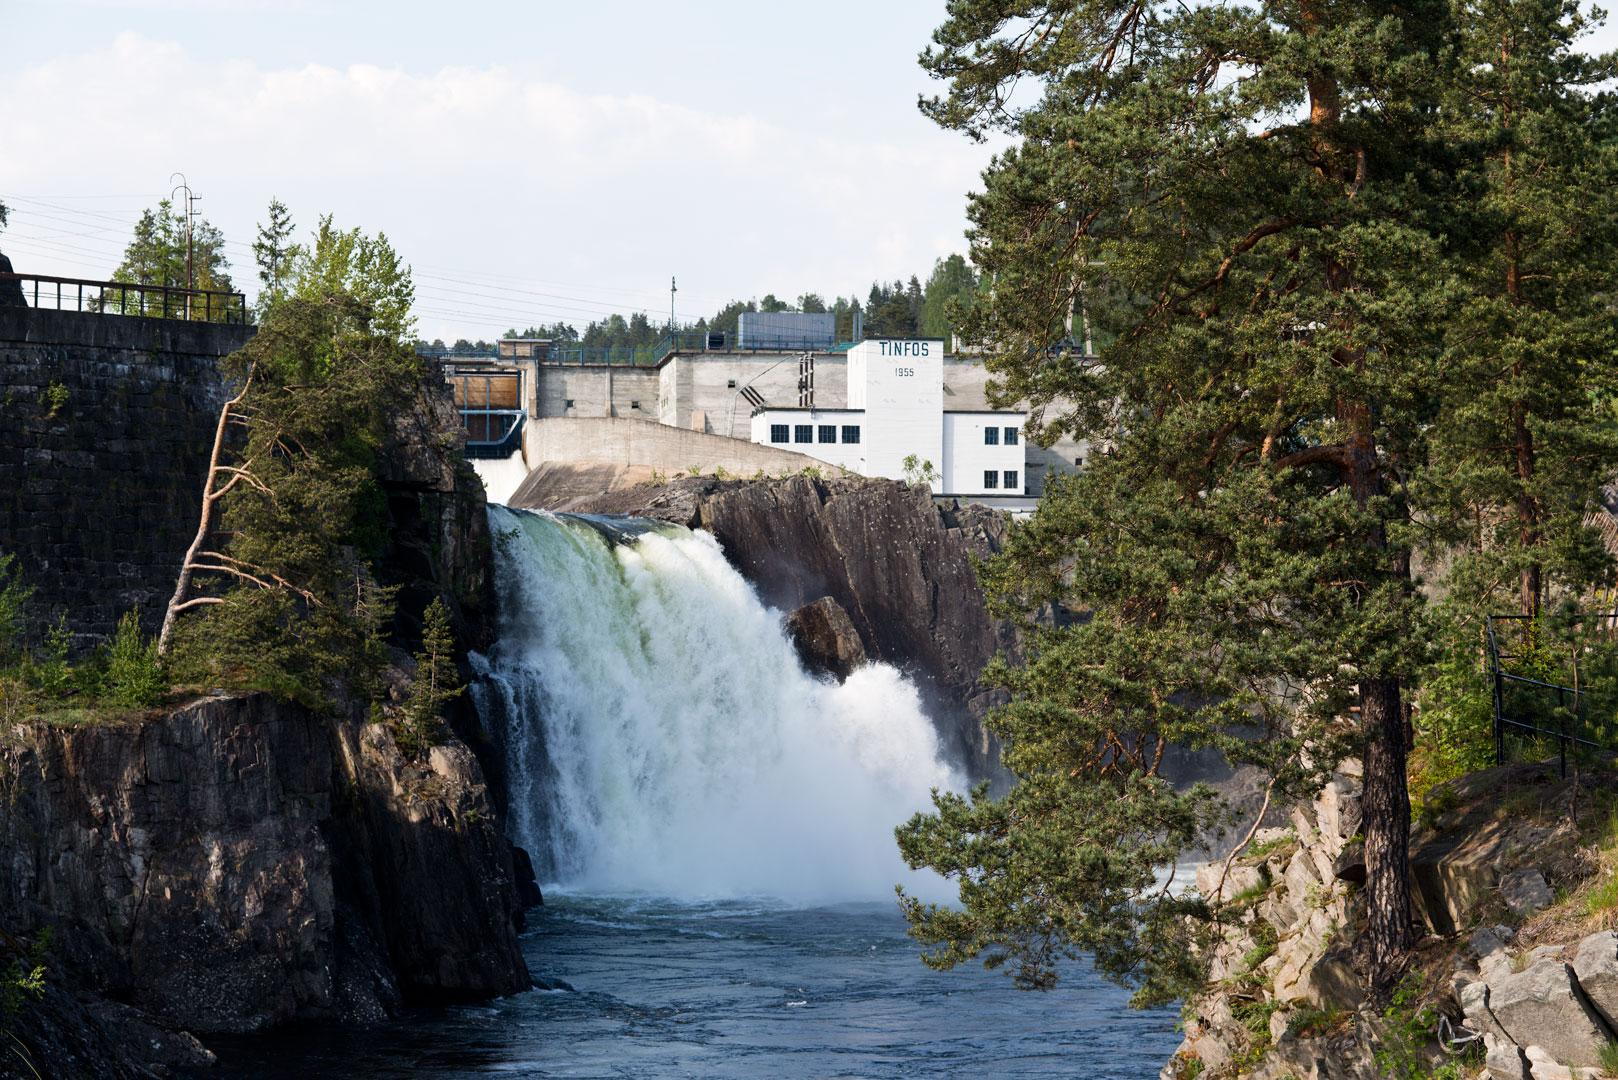 Vannkraft var alfa omega for utbyggelsen av kraftverkene Tinfos 1 på Notodden. Foto: Per Berntsen